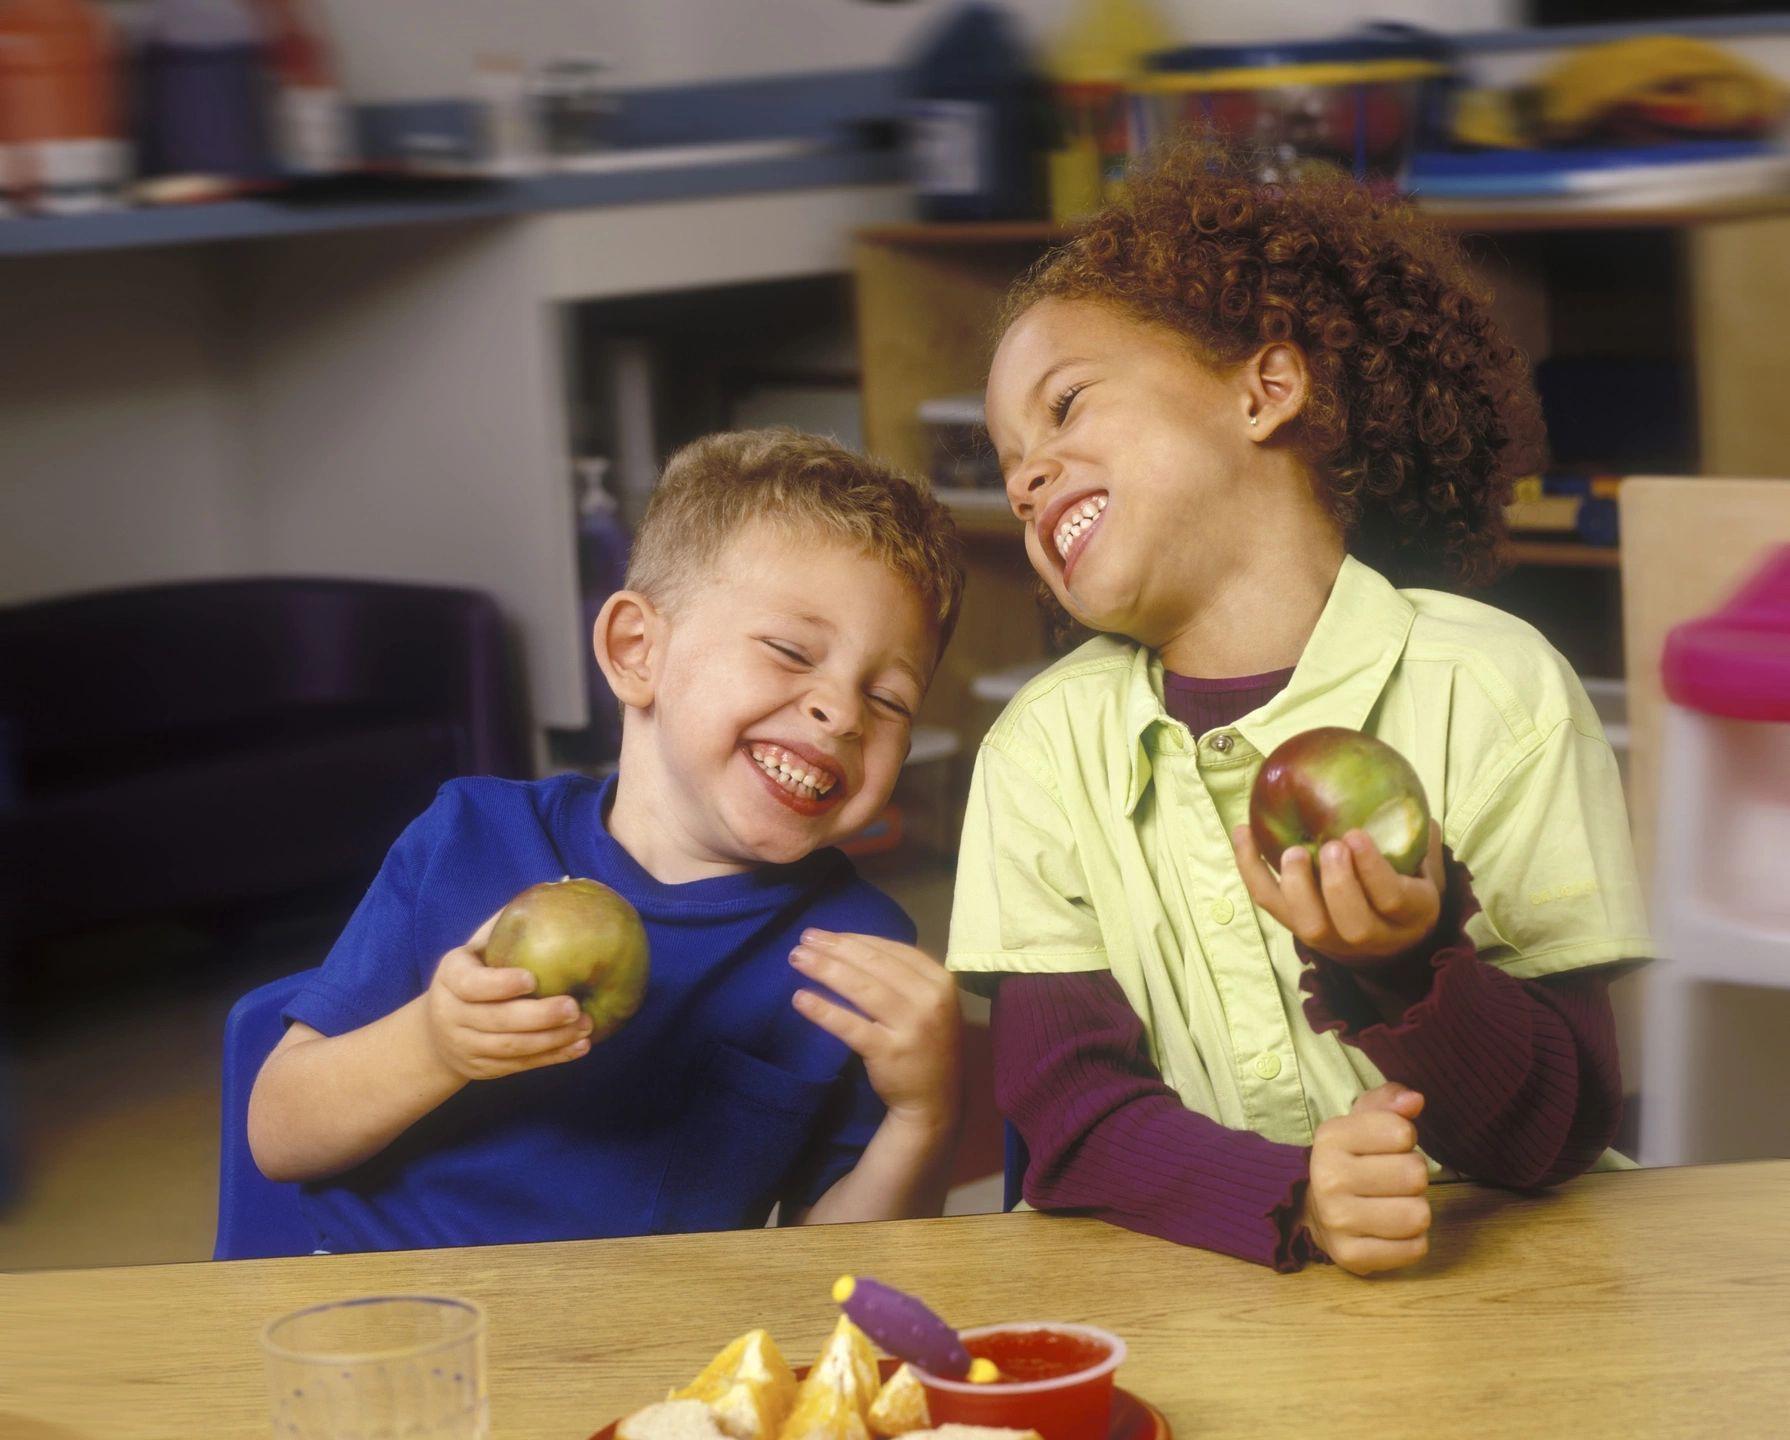 Two children eating fruit